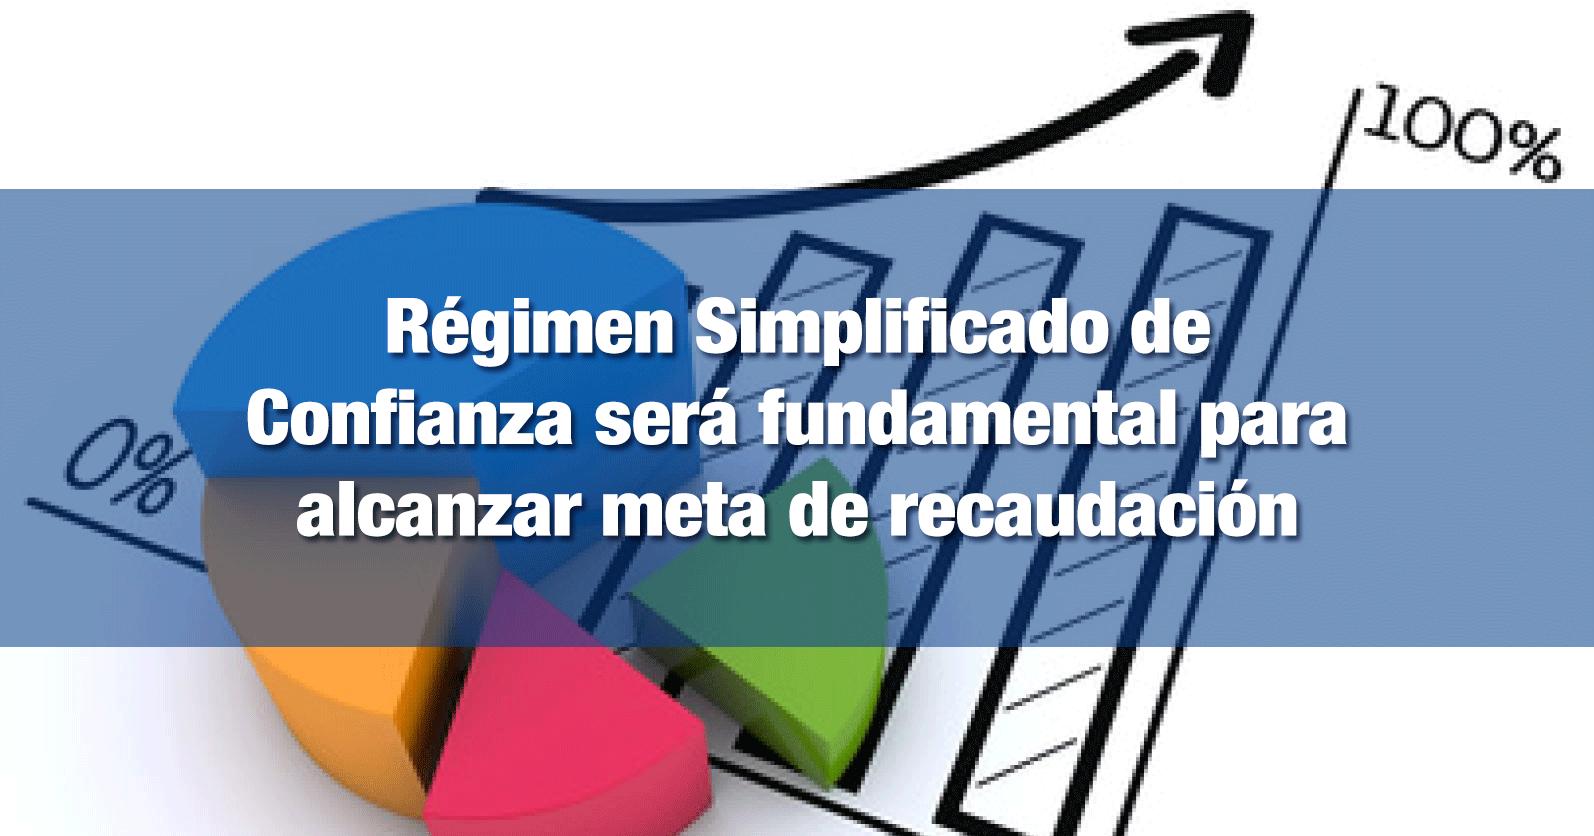 Régimen Simplificado de Confianza será fundamental para alcanzar meta de recaudación